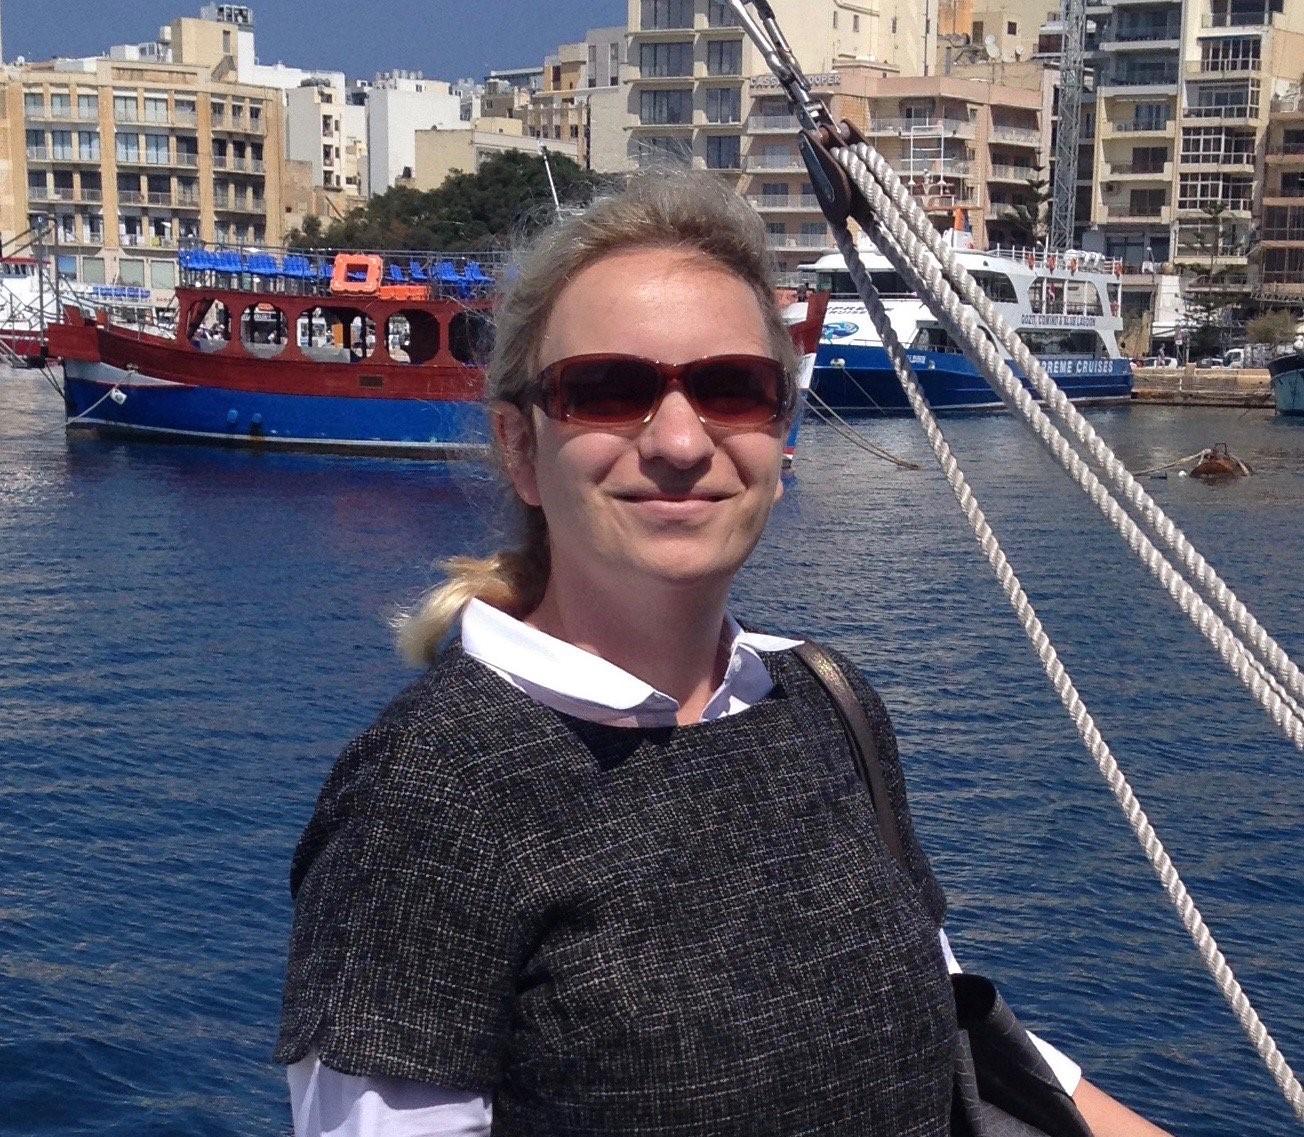 Η Μαρία Εφίμοβα στη Μάλτα.